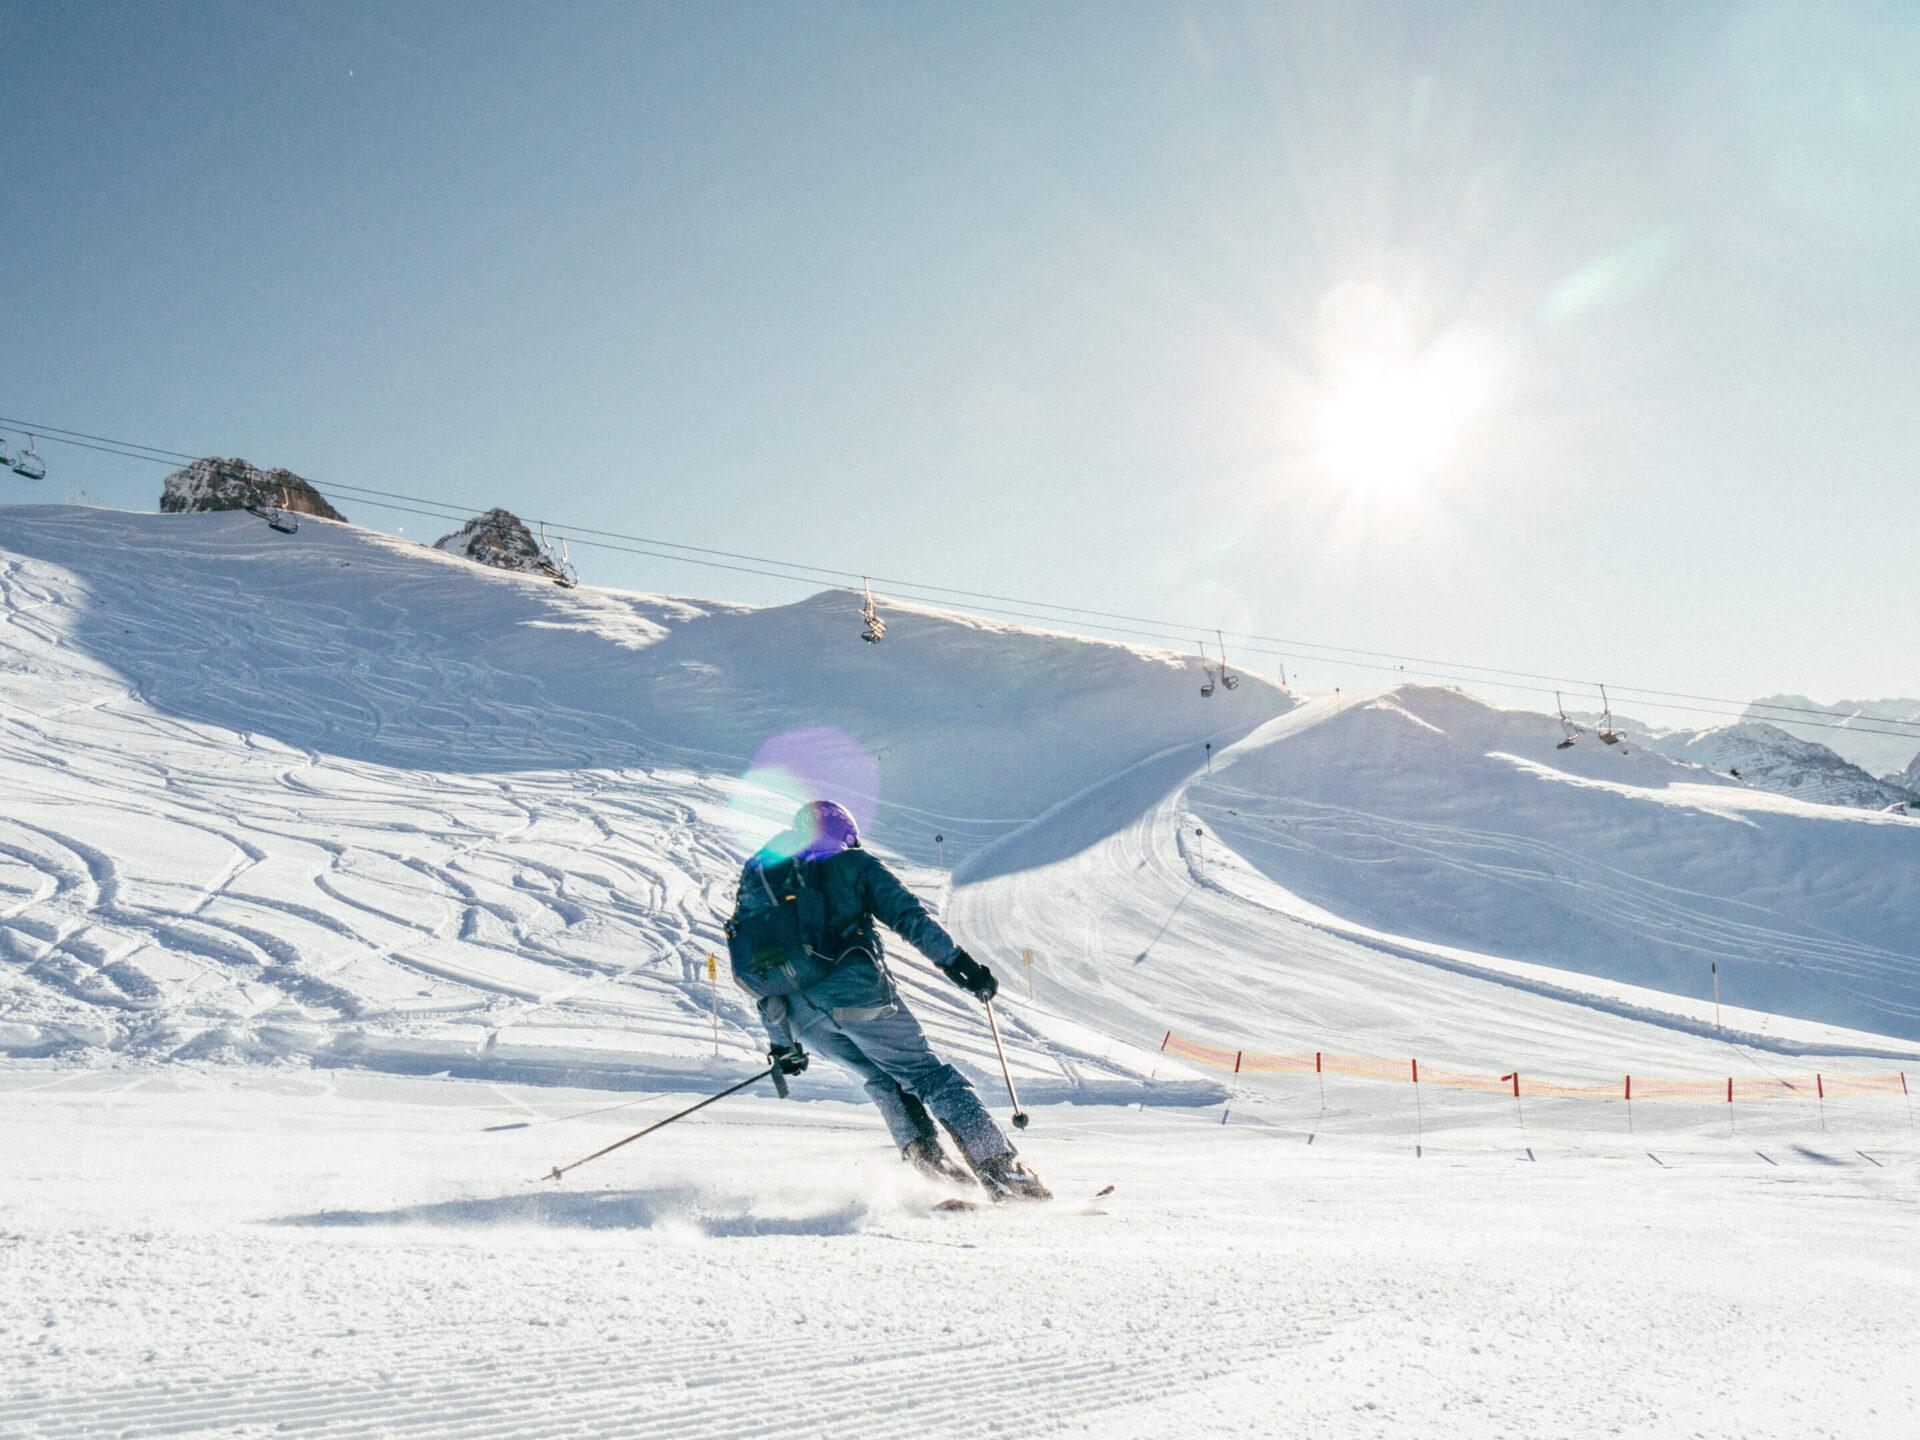 vorarlberg warth-schröcken warth schröcken ski-arlberg ski-fahren schnee winter mann